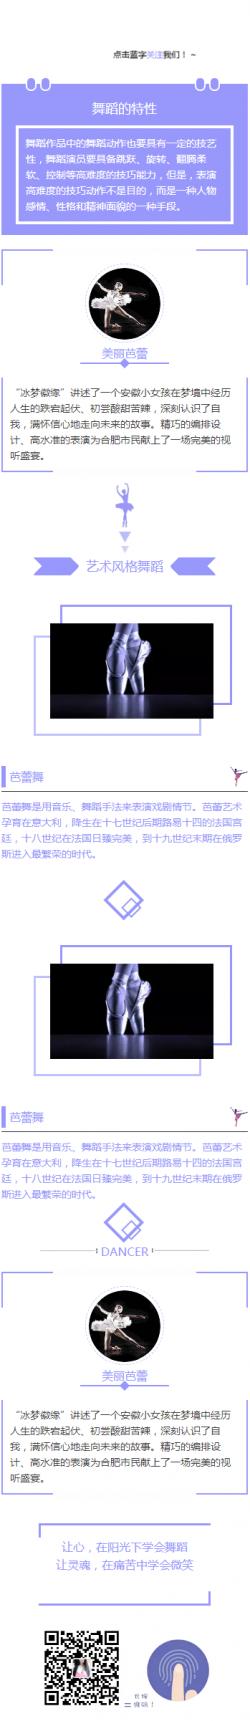 舞蹈艺术紫色简约文章风格模板